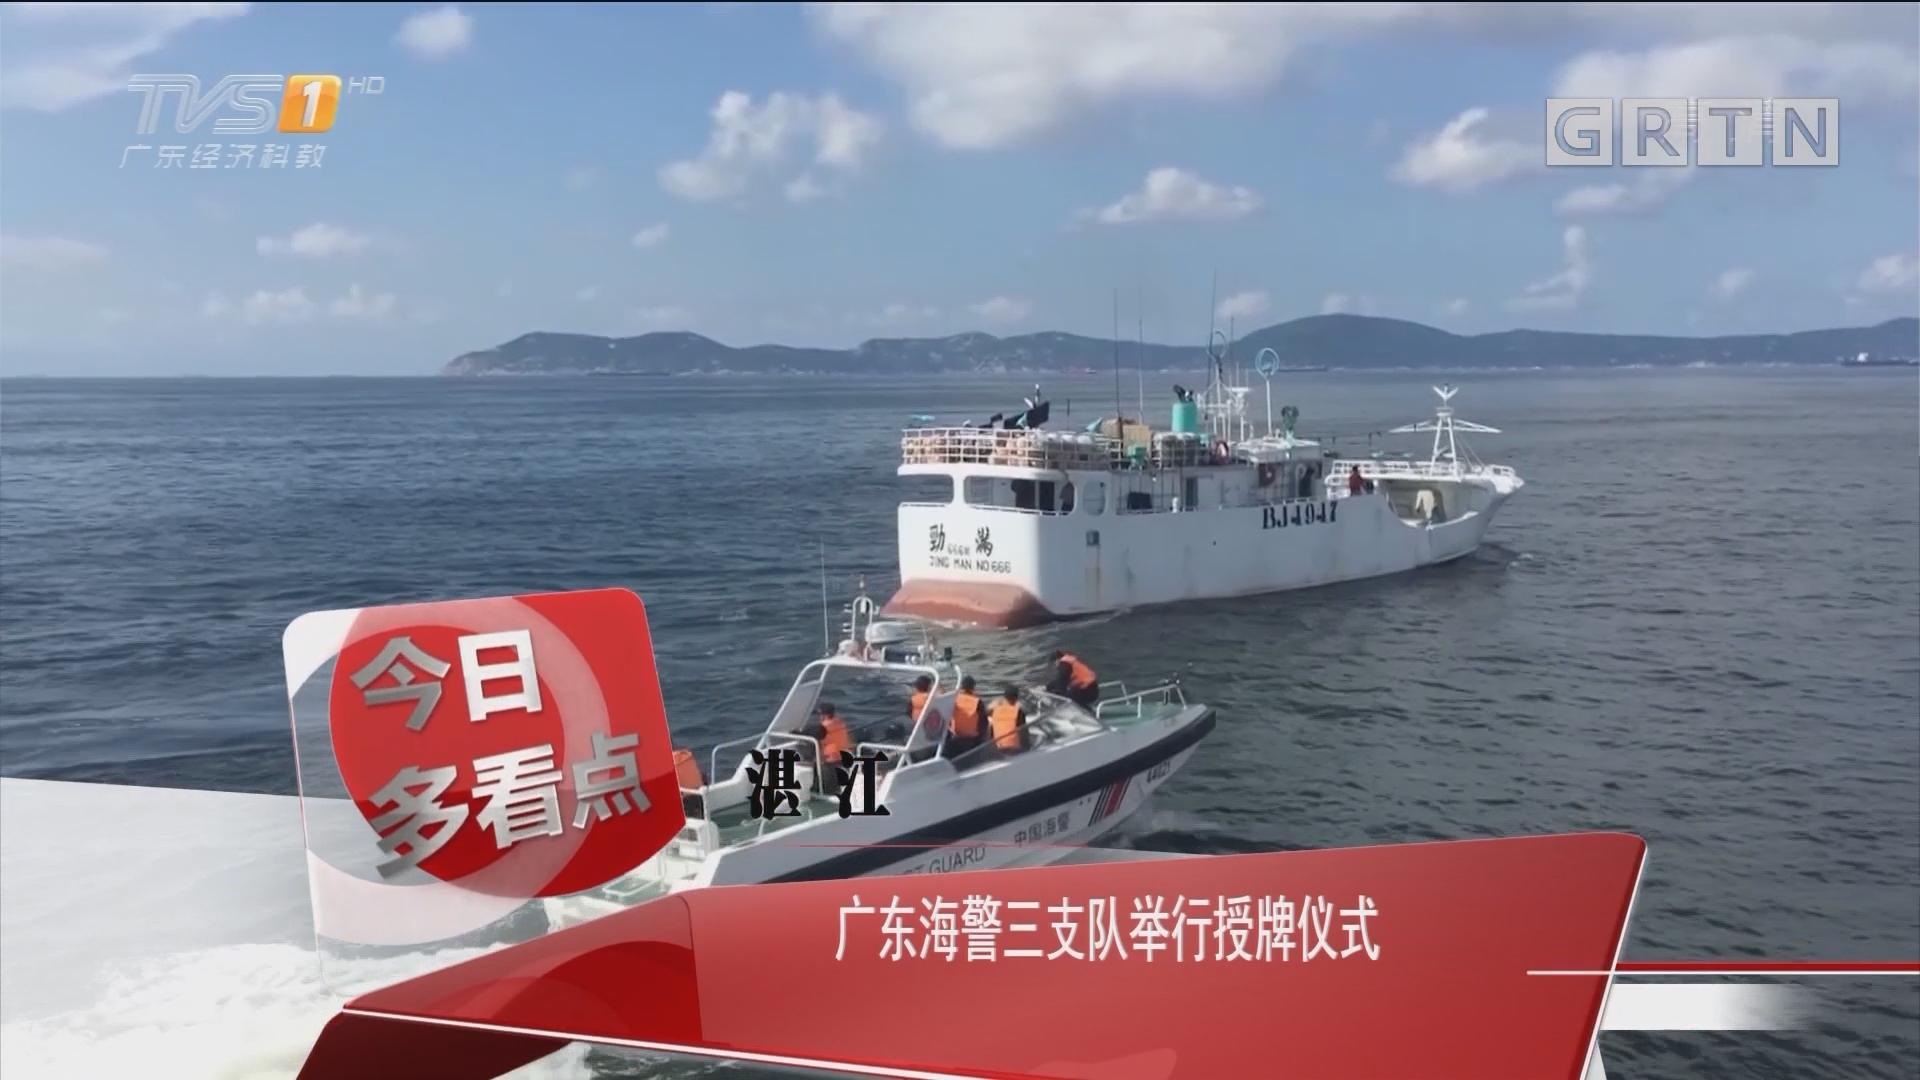 湛江:广东海警三支队举行授牌仪式